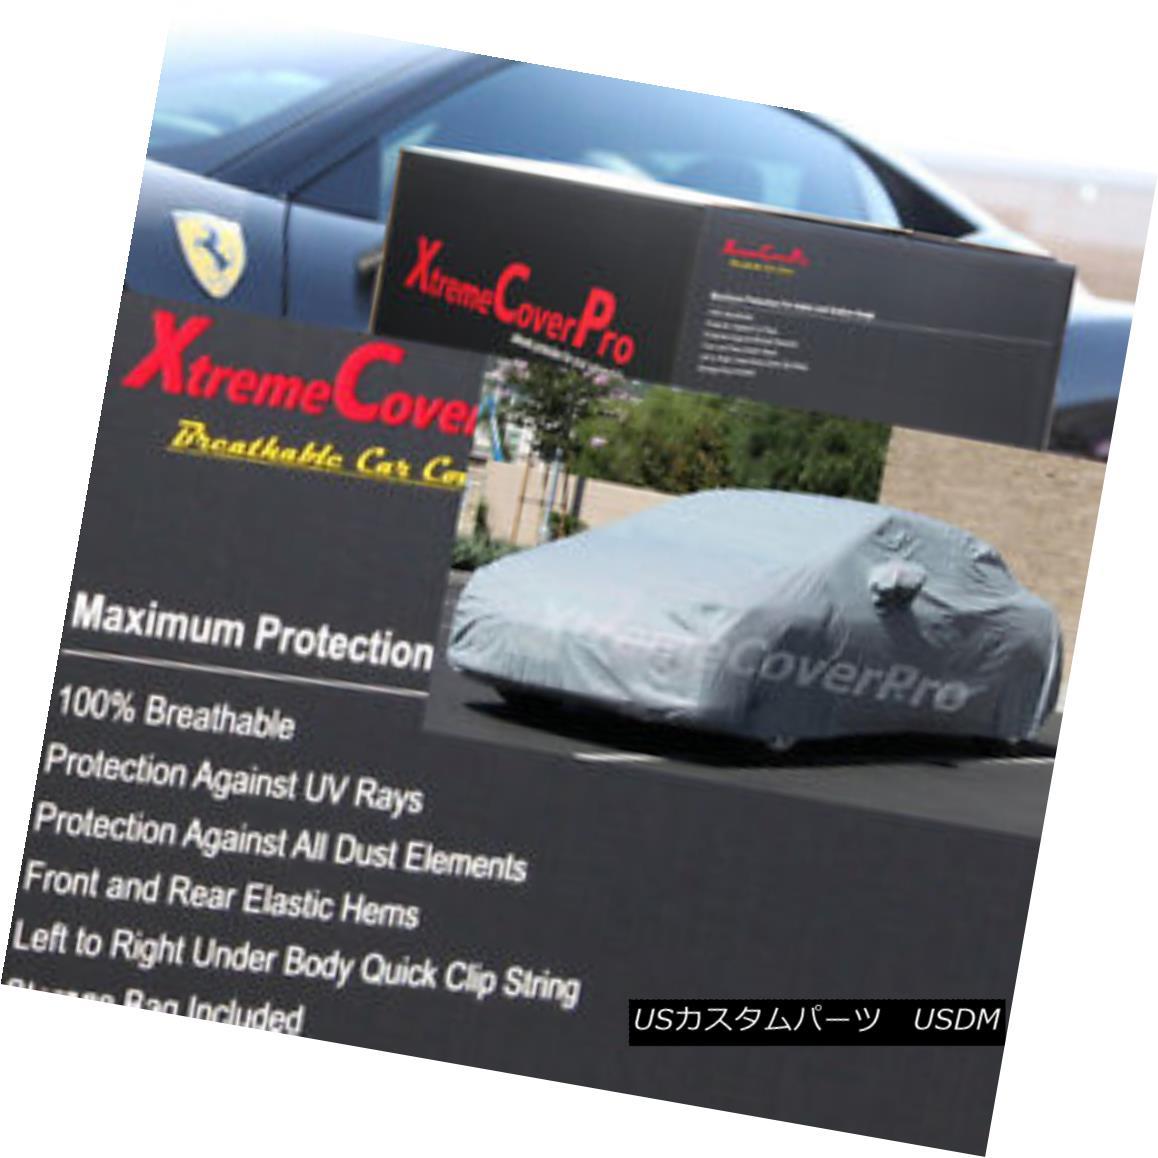 カーカバー 2004 2005 2006 Scion xA Breathable Car Cover w/MirrorPocket 2004 2005 2006 Scion xAミラーポケット付きの通気性のある車カバー